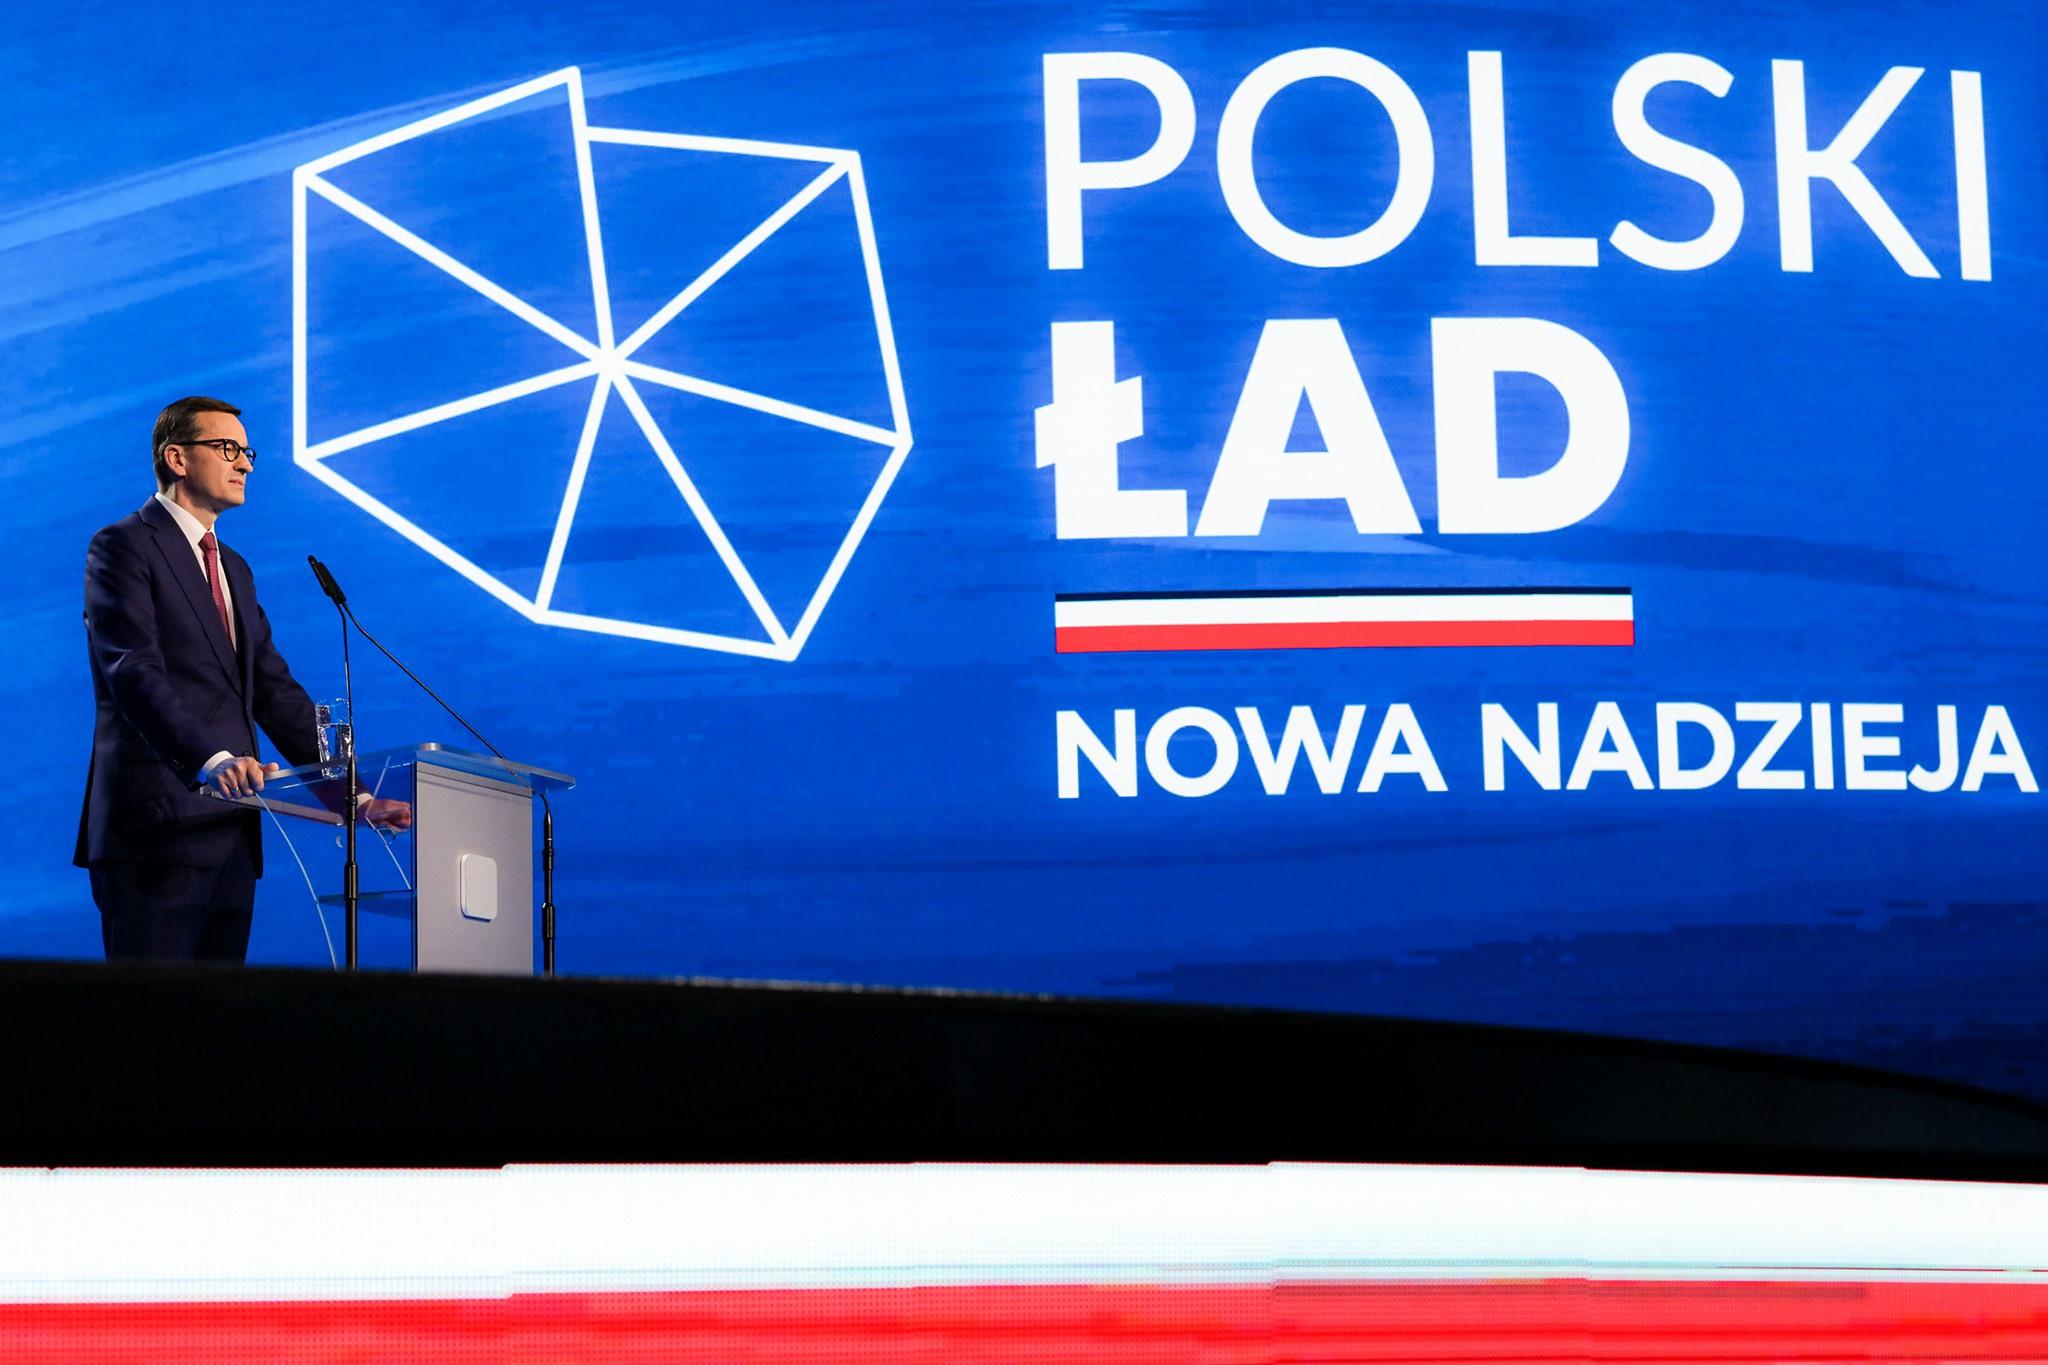 Polski Ład oparty jest o wartości. Polska sprawiedliwa, Polska równych szans - to nasz cel, głęboko osadzony w naszej tradycji i kulturze - mówił prezes Prawo i Sprawiedliwość Jarosław Kaczyński.